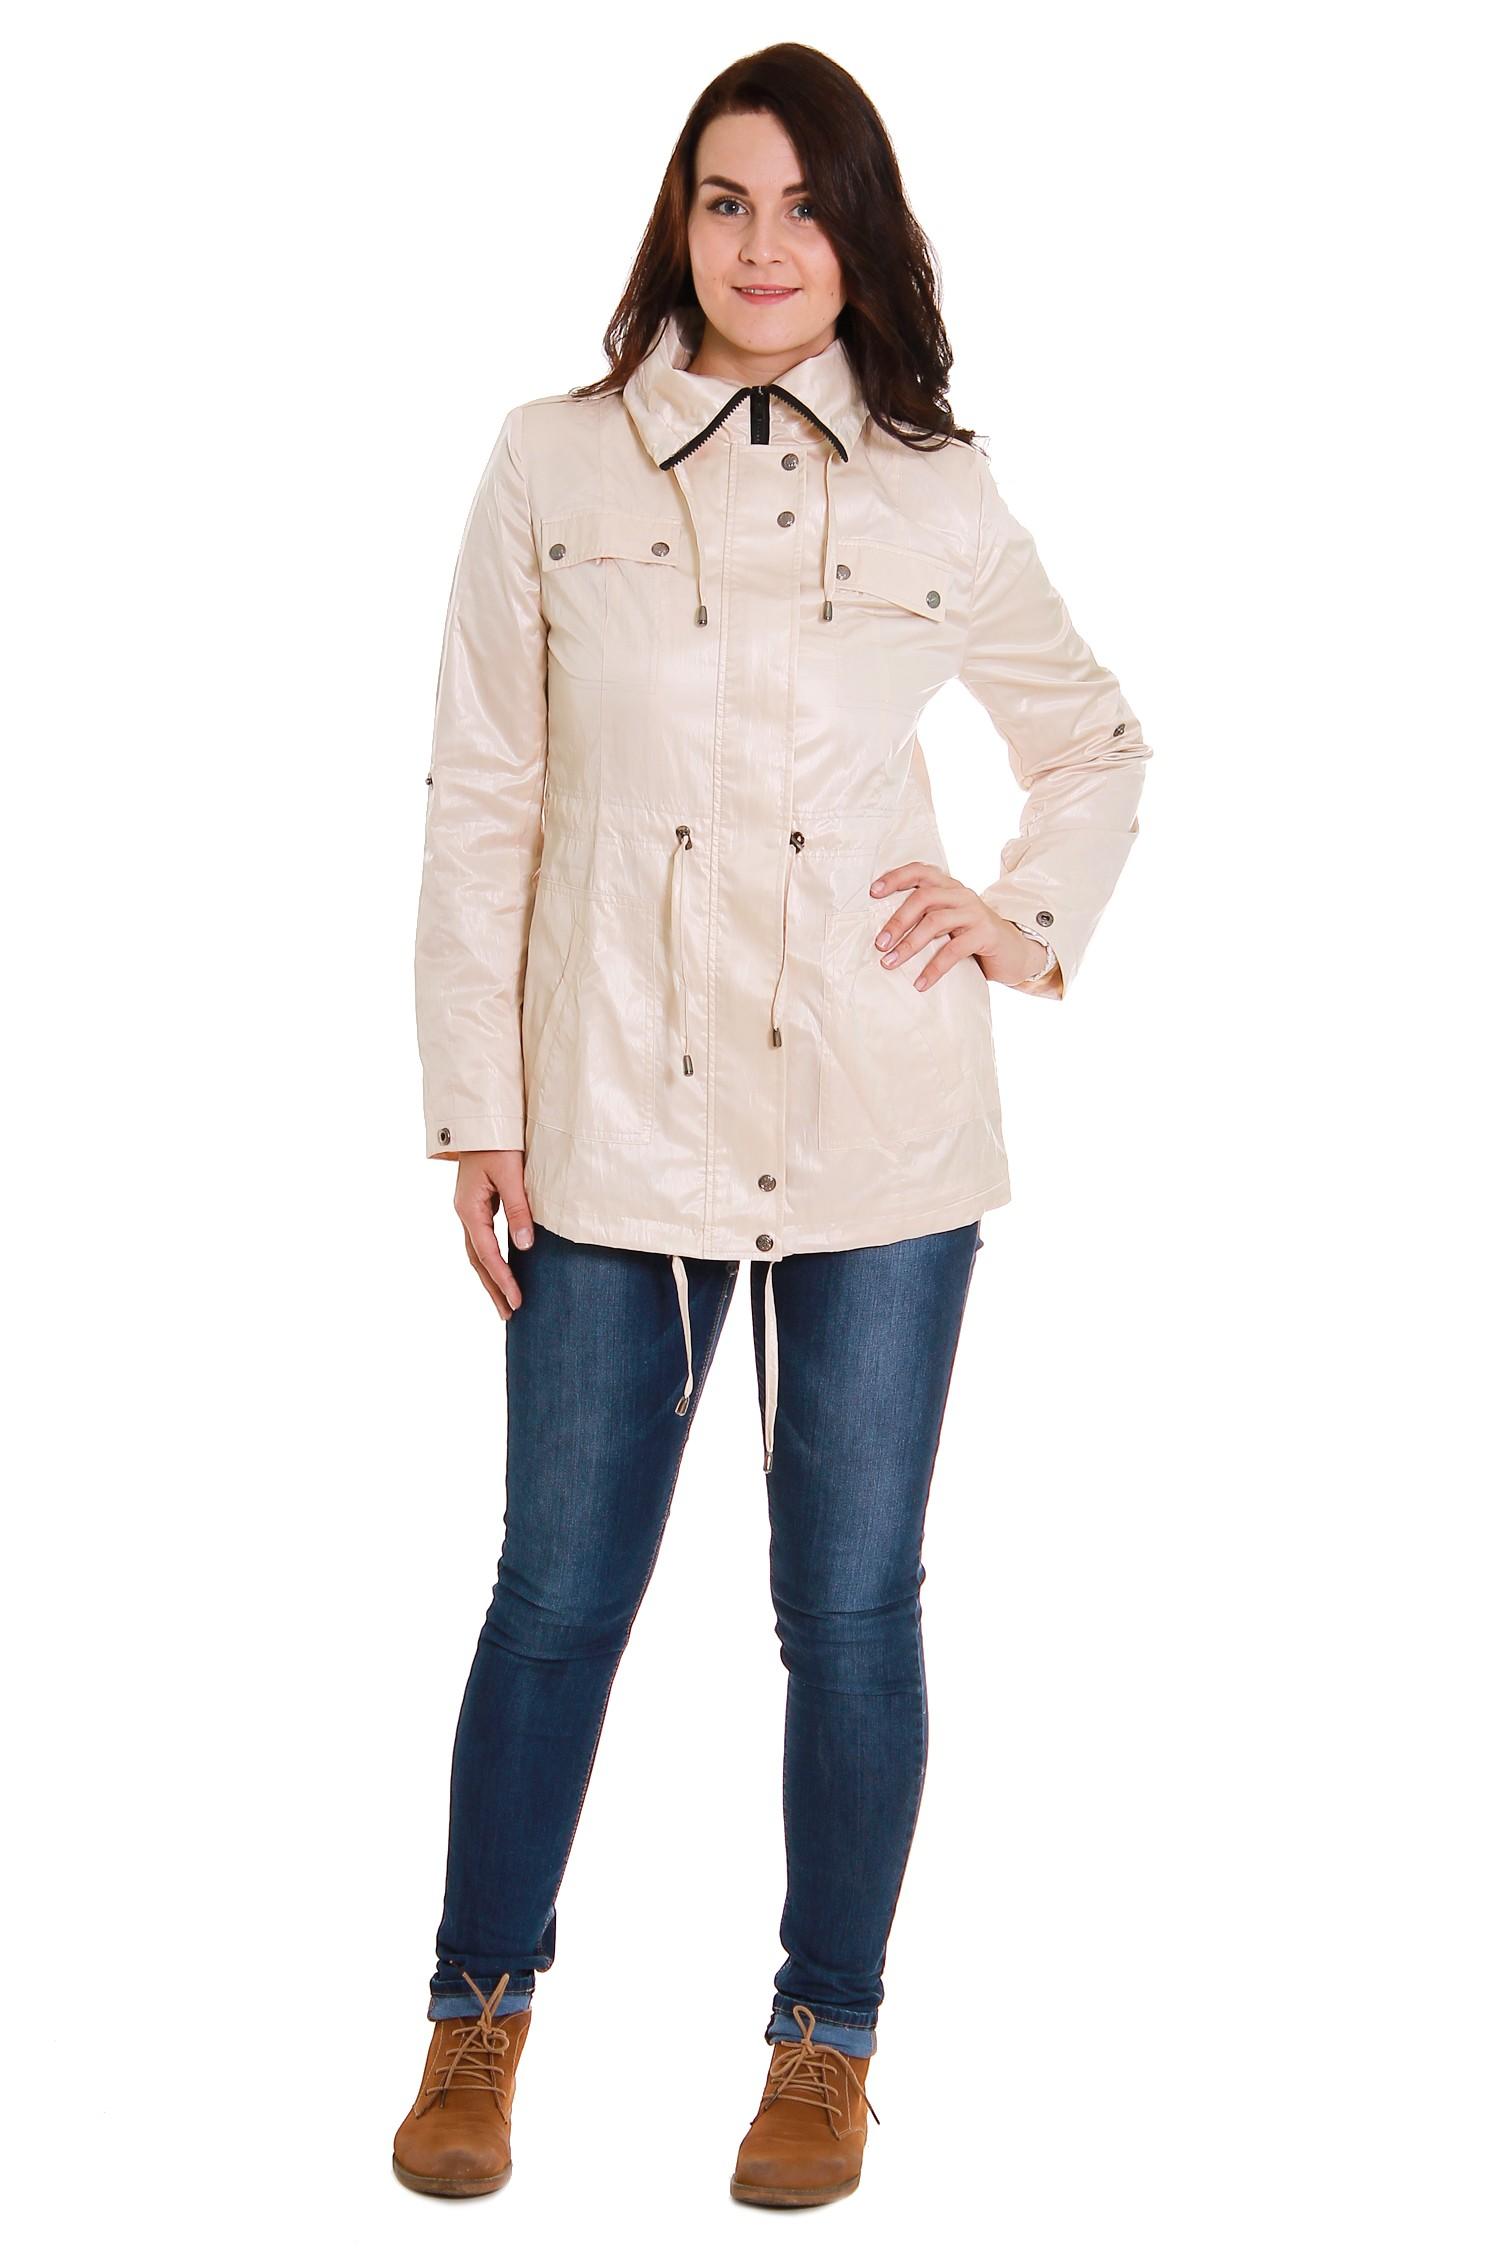 ВетровкаКуртки<br>Куртка - ветровка свободного кроя с кулиской по талии, воротнику и низу изделия. Застёжка на молнию с планкой и кнопками. На груди и по бокам карманы с клапаном. Погоны на плечах.  Длина рукава - 65 см  Рост девушки-фотомодели 180 см  Длина изделия: 48 размер - 77 см ± 1 см 50 размер - 77 см ± 1 см 52 размер - 77 см ± 1 см 54 размер - 77 см ± 1 см 56 размер - 77 см ± 1 см 58 размер - 77 см ± 1 см 60 размер - 77 см ± 1 см 62 размер - 77 см ± 1 см 64 размер - 77 см ± 1 см<br><br>По образу: Город,Спорт<br>По стилю: Кэжуал,Молодежный стиль,Повседневный стиль<br>По рисунку: Однотонные<br>По сезону: Осень,Весна<br>По элементам: С карманами,С манжетами,С воротником,С декором,С капюшоном<br>По длине: Удлиненные<br>Воротник: Стойка<br>Рукав: Длинный рукав<br>Застежка: С молнией<br>Размер: 48,50,52,54,56,58,60,62,64<br>Материал: 100% полиэстер<br>Количество в наличии: 2